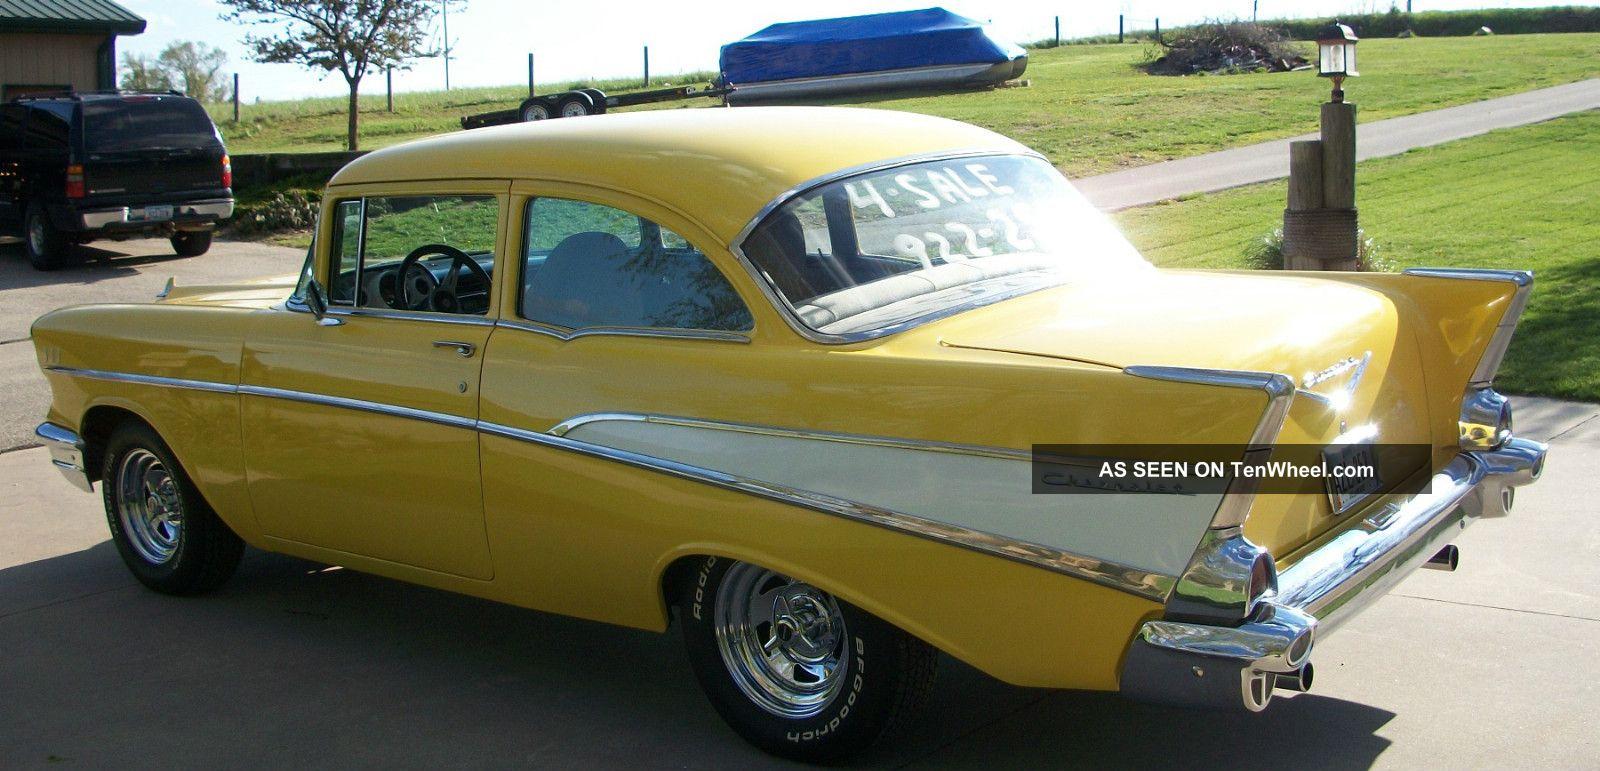 1957 chevrolet 210 2 door post chevrolet hot rod for 1957 chevy 210 2 door